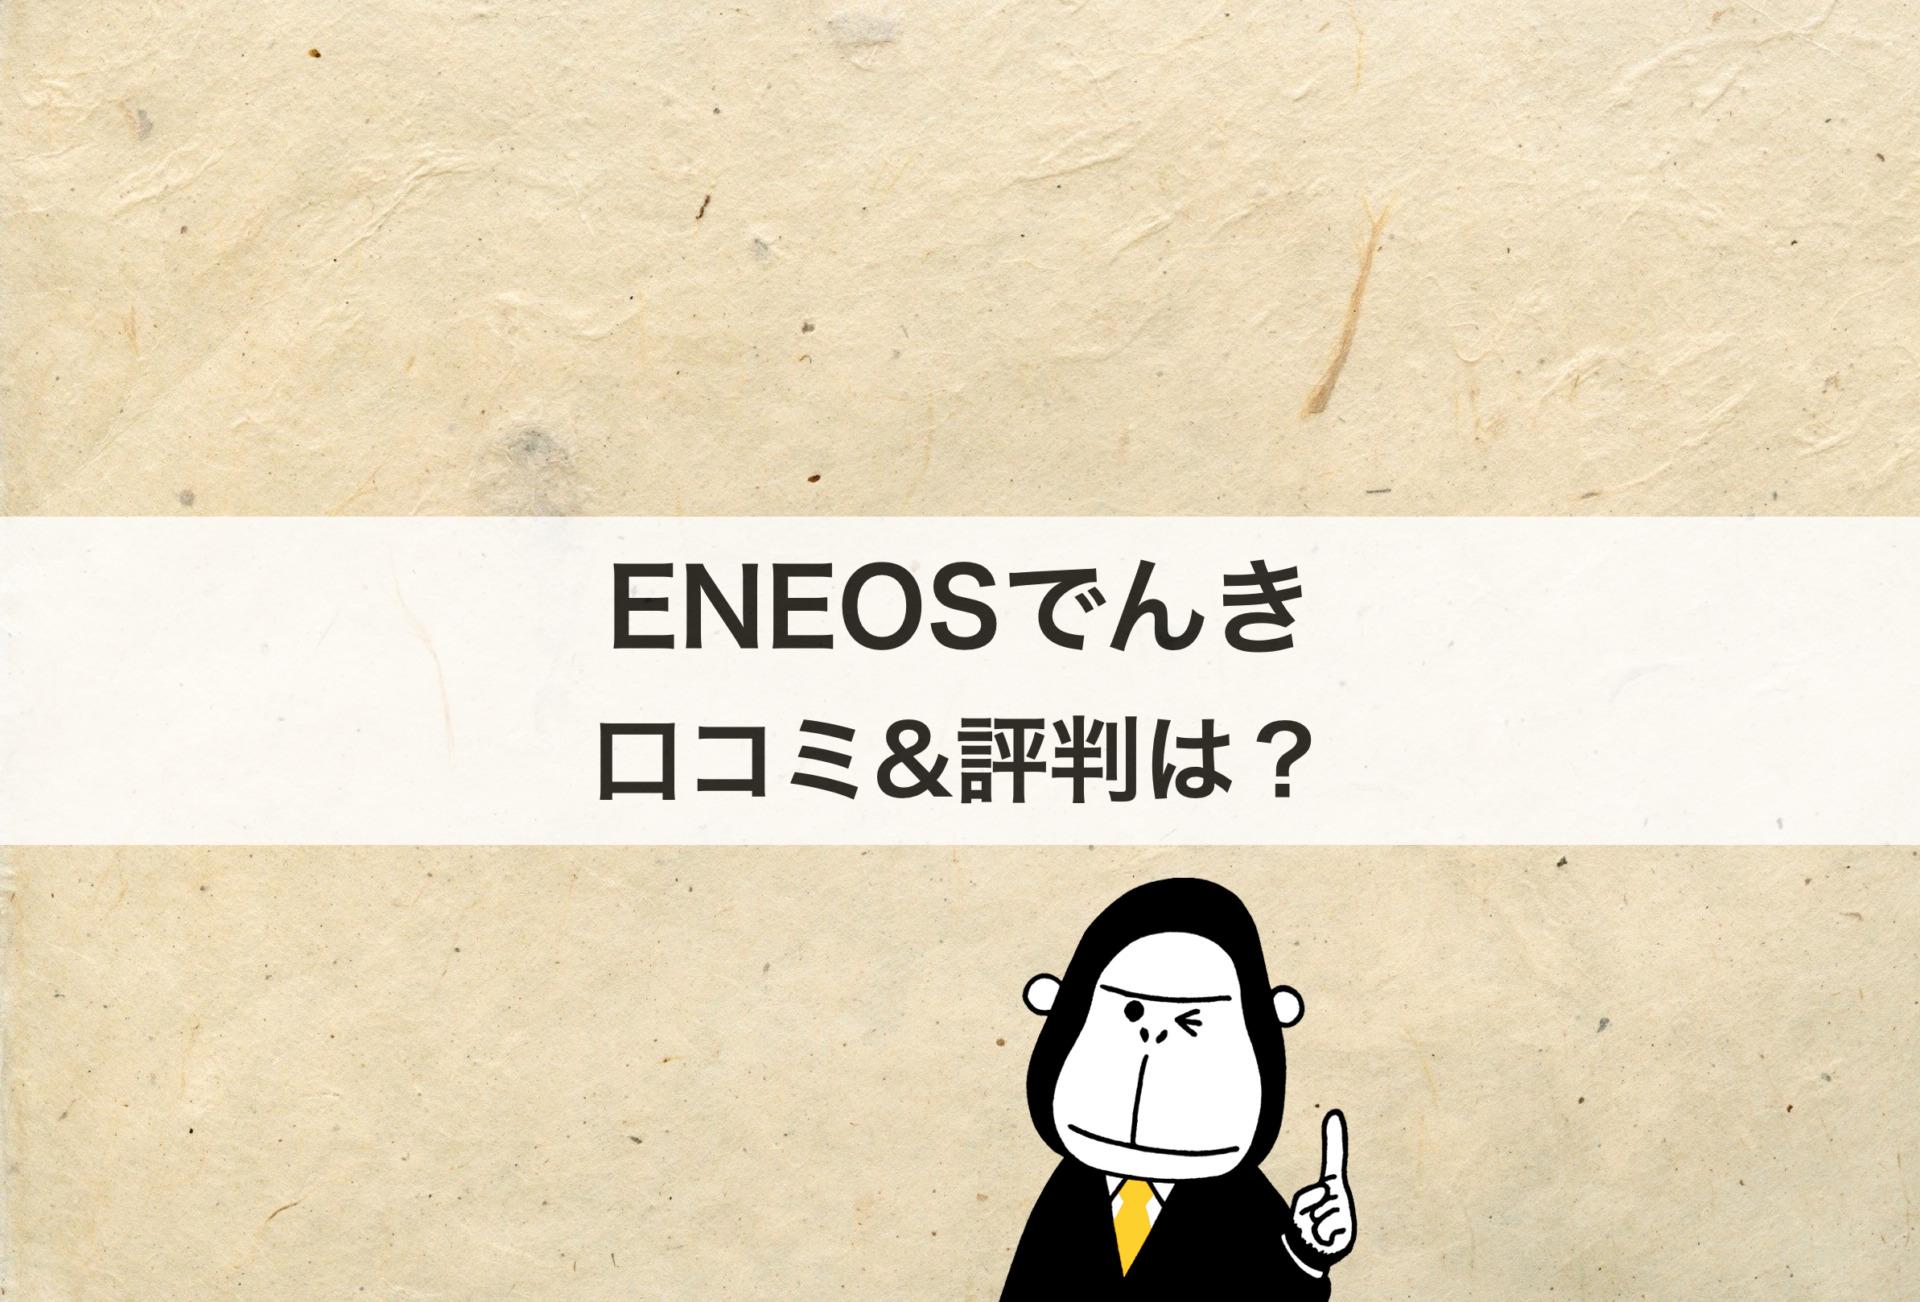 ENEOSでんきの口コミや評判は?メリット&デメリットも解説します!